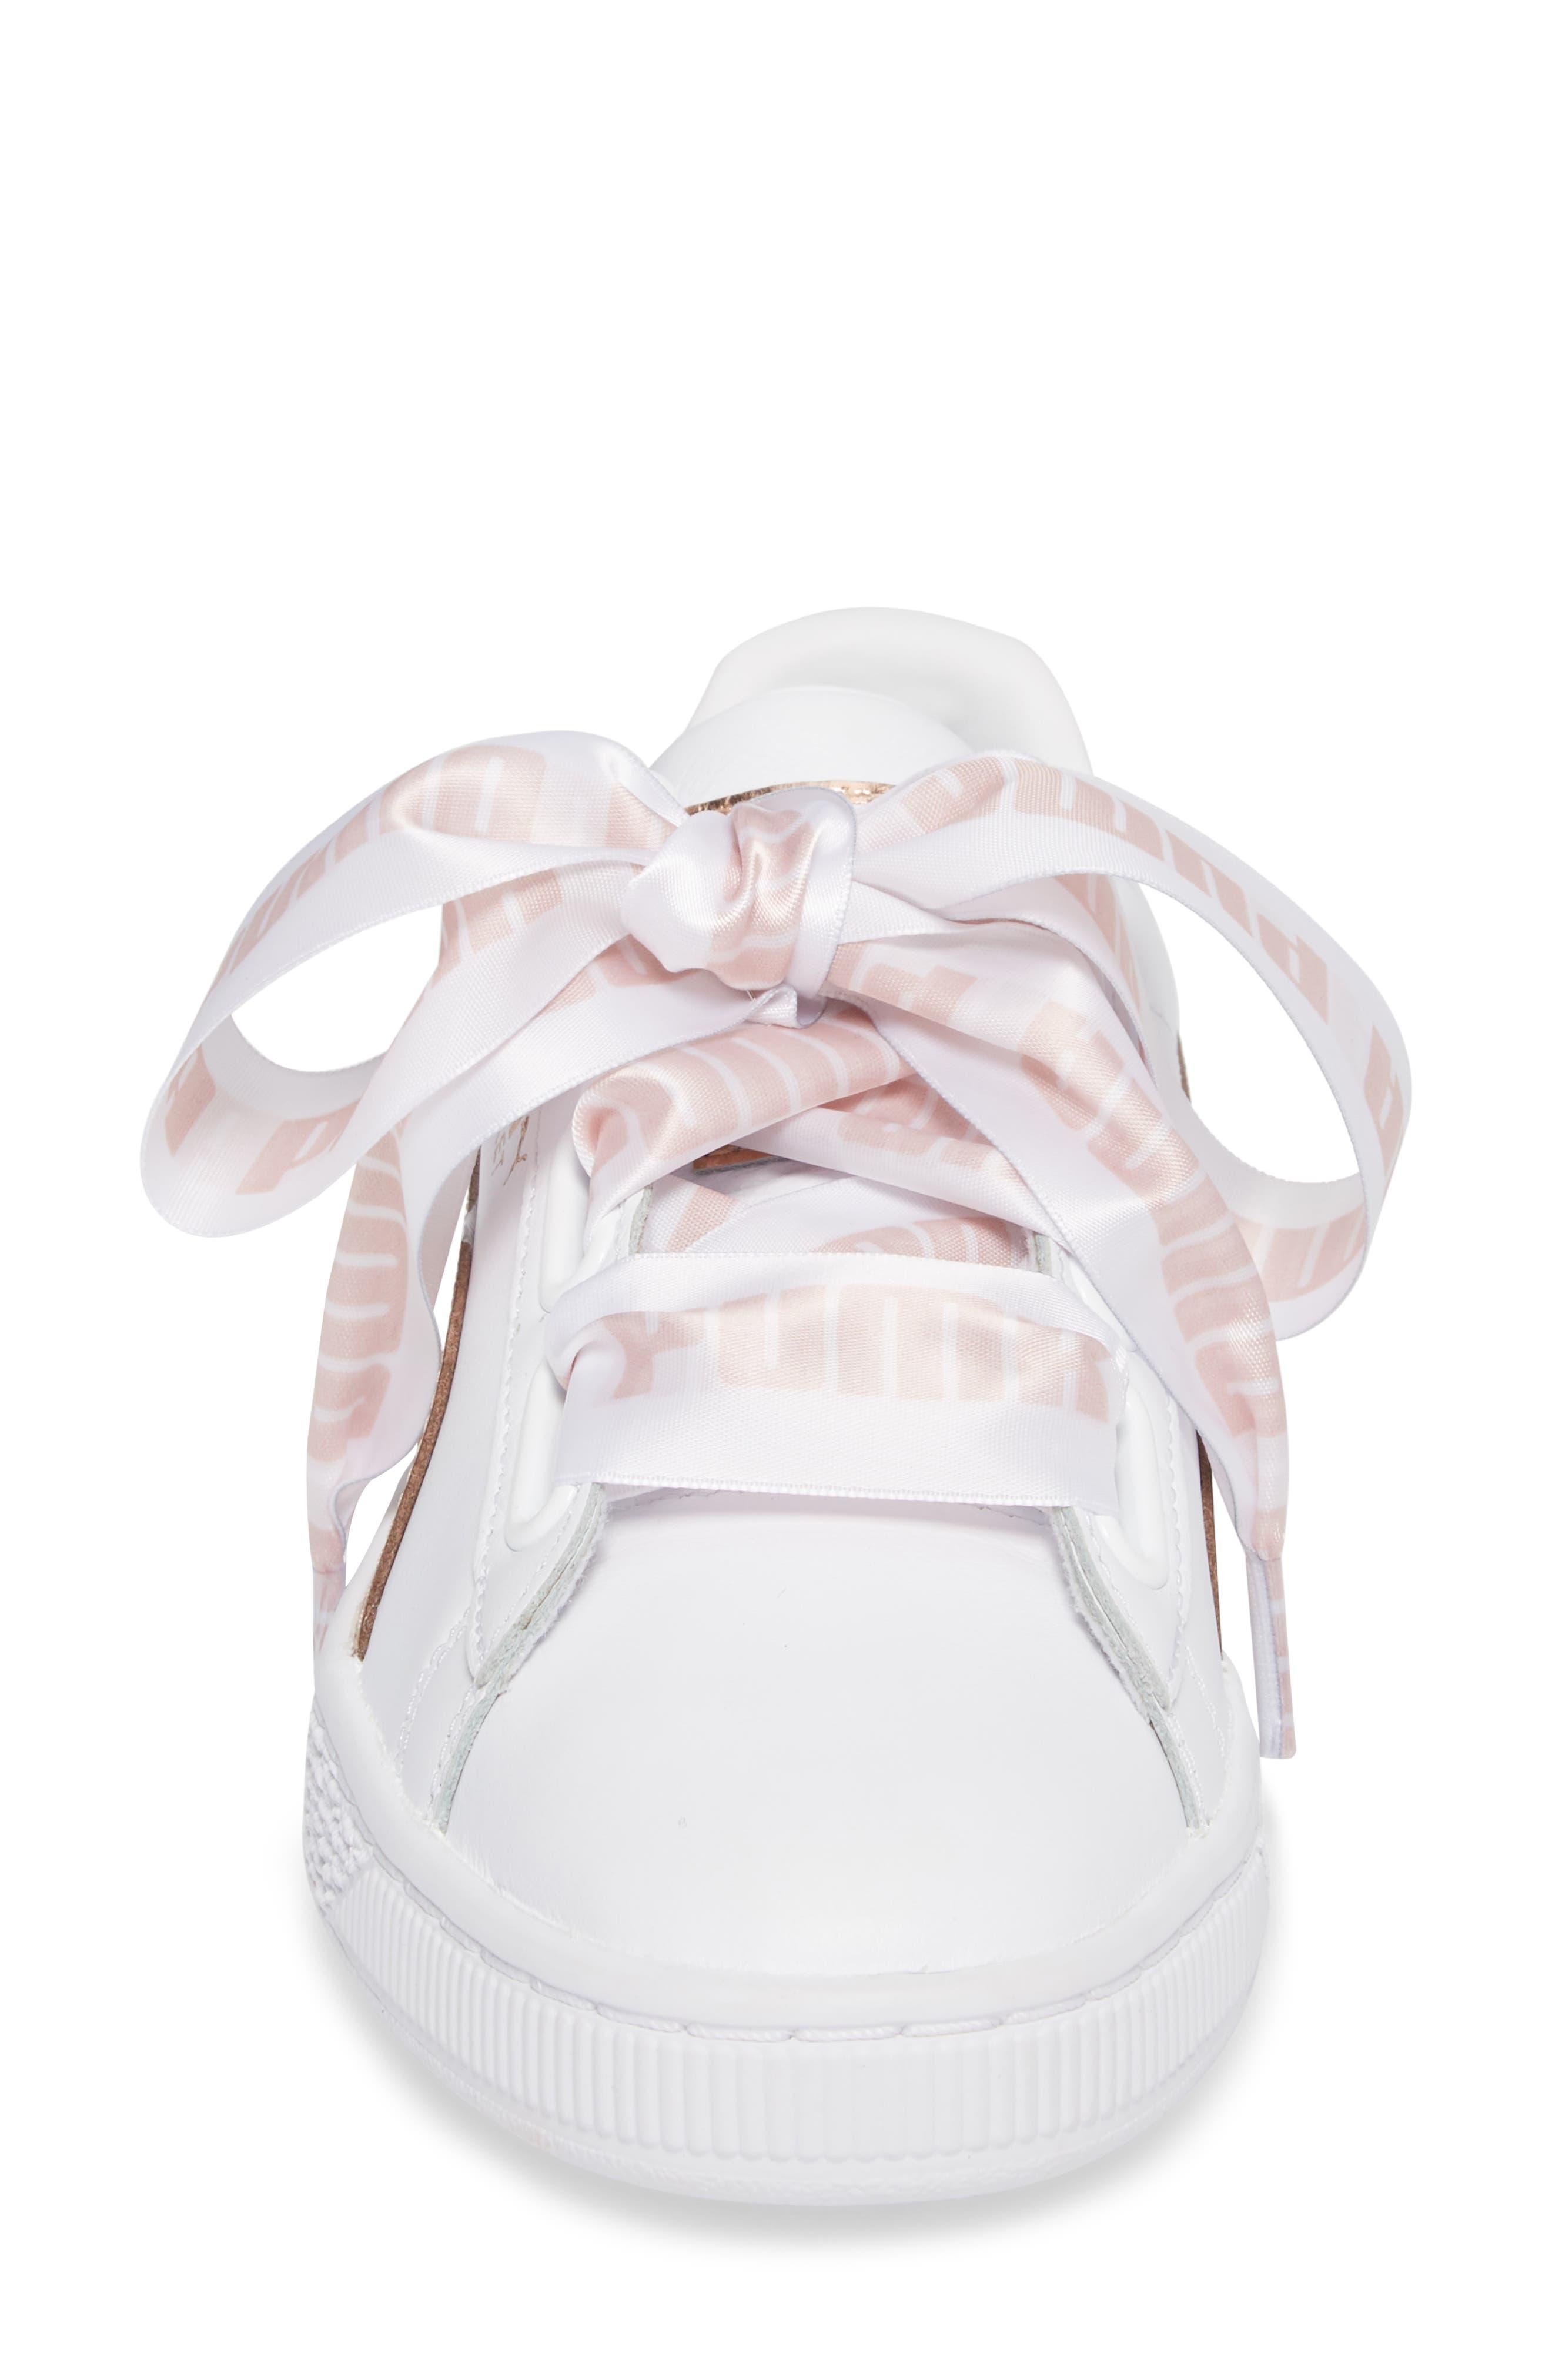 Basket Heart Sneaker,                             Alternate thumbnail 4, color,                             WHITE/ ROSE GOLD LEATHER